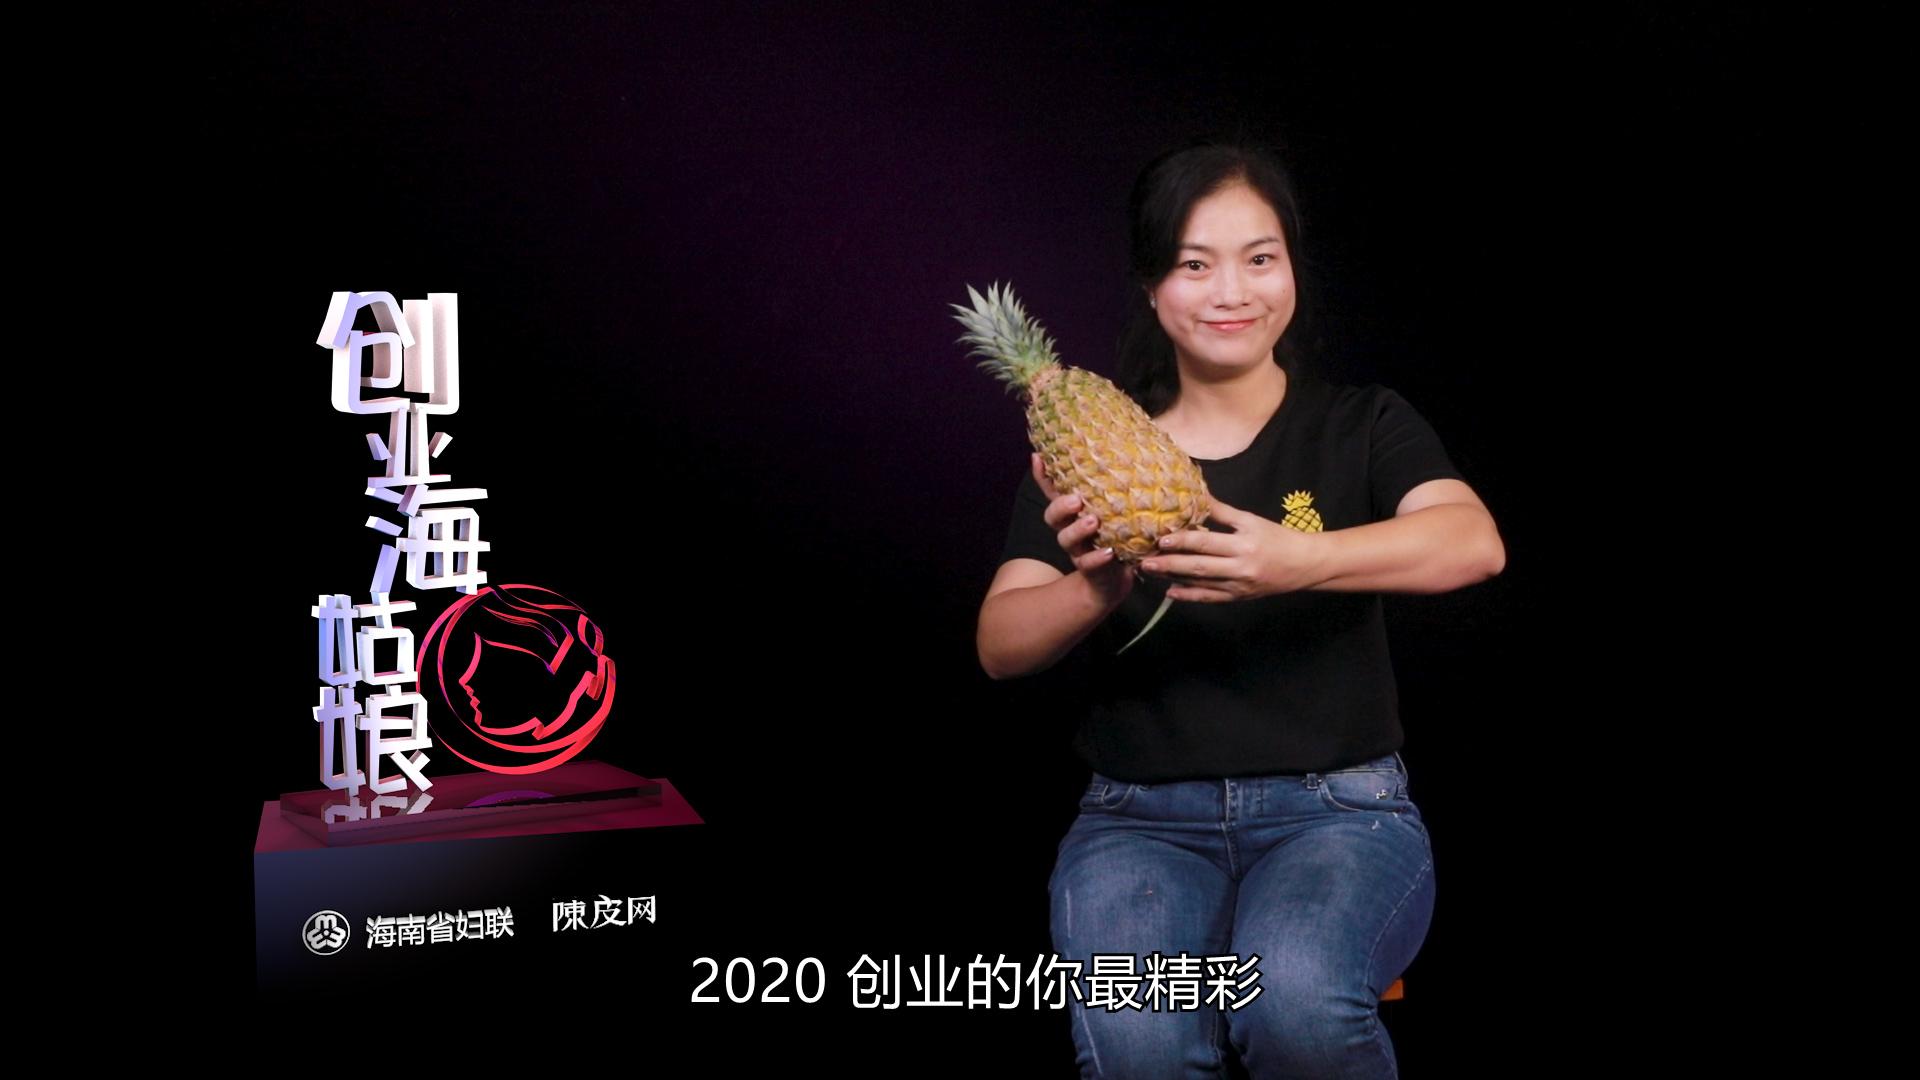 创业海姑娘|凤梨部落王雅丽——打造世界一流凤梨品牌